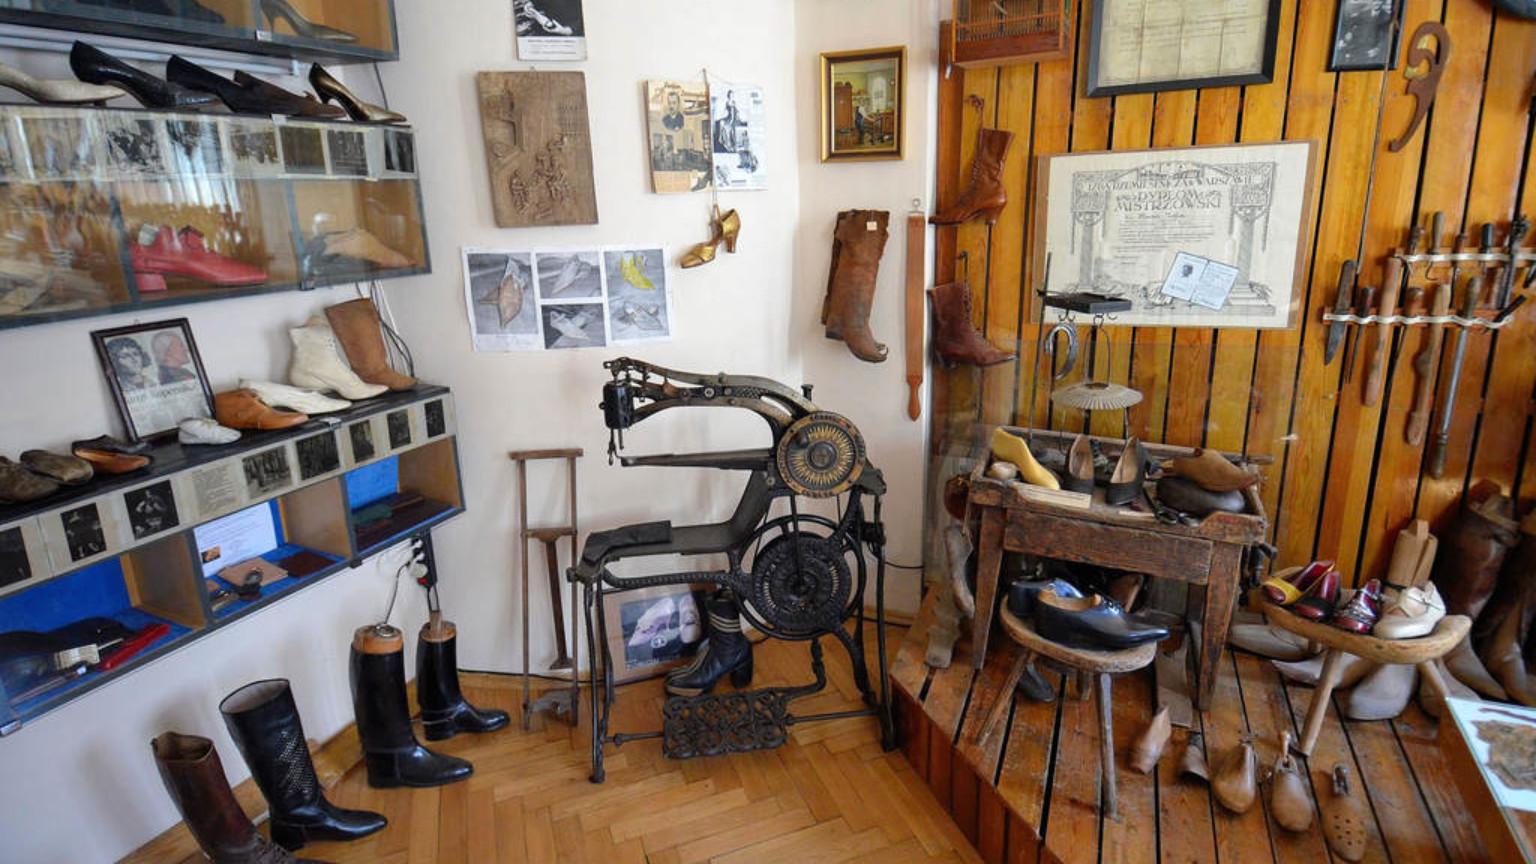 Zdjęcie dla kartki: Muzeum Cechu Rzemiosł Skórzanych im. Jana Kilińskiego